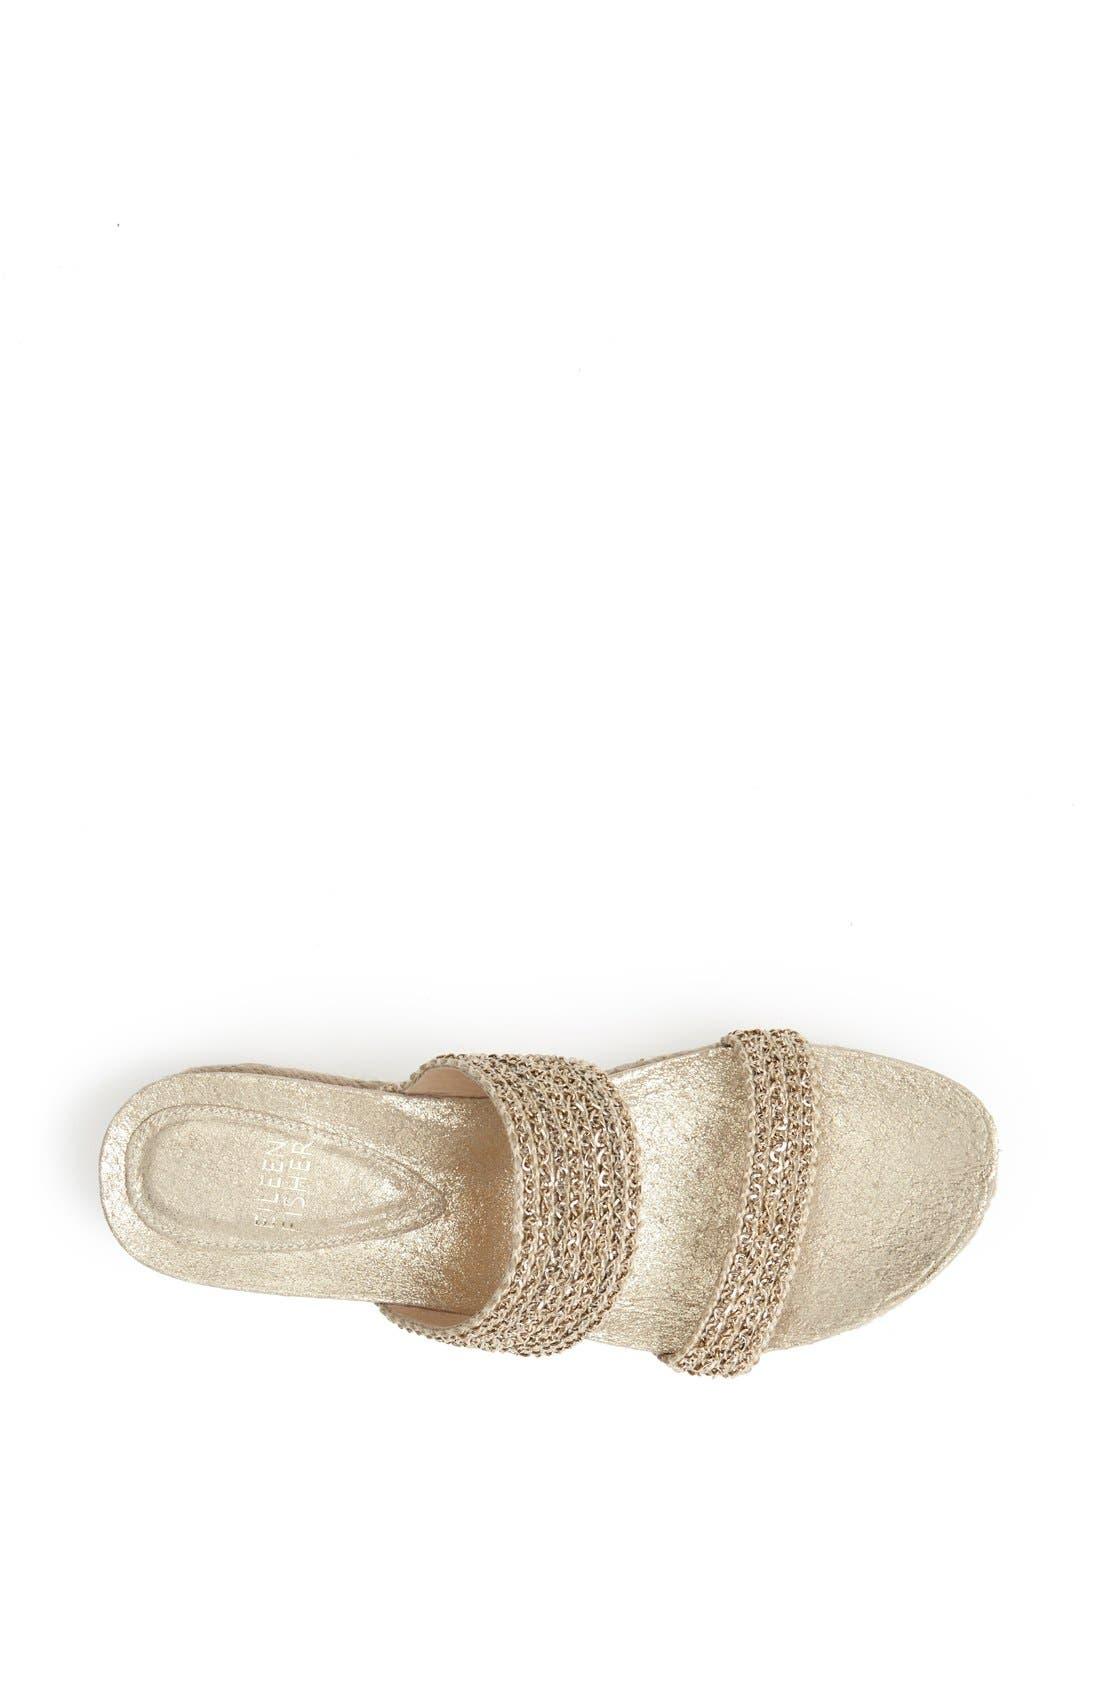 Alternate Image 3  - Eileen Fisher 'Fresh' Sandal